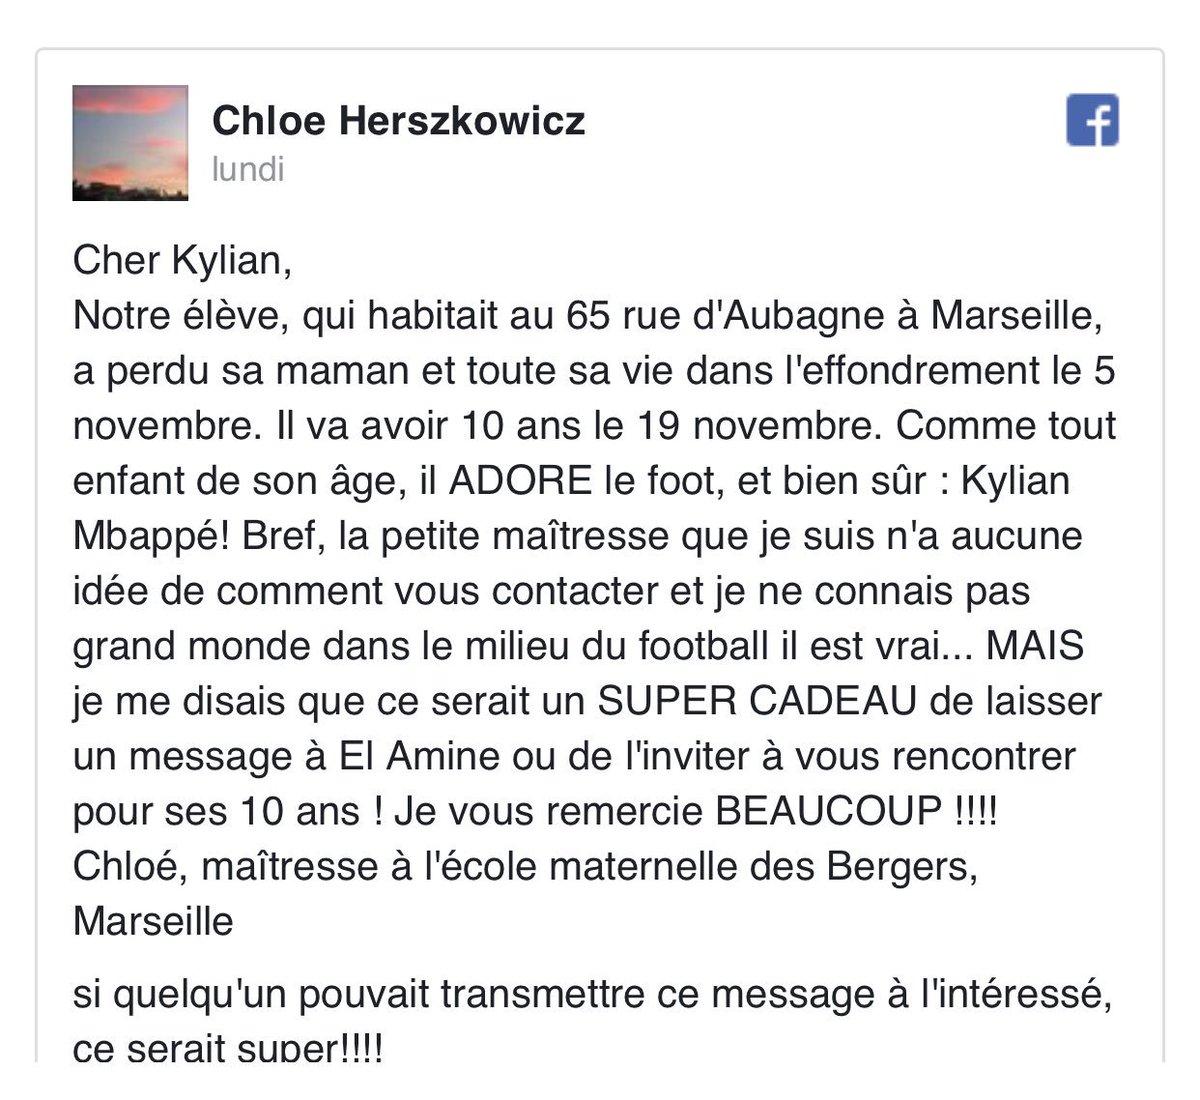 [#L1🇫🇷] 🔴Selon @francebleu, l'appel de cette maîtresse a été entendu et Kylian Mbappé🇫🇷 va rencontrer le jeune enfant et sa maîtresse le 12 décembre. 🙏